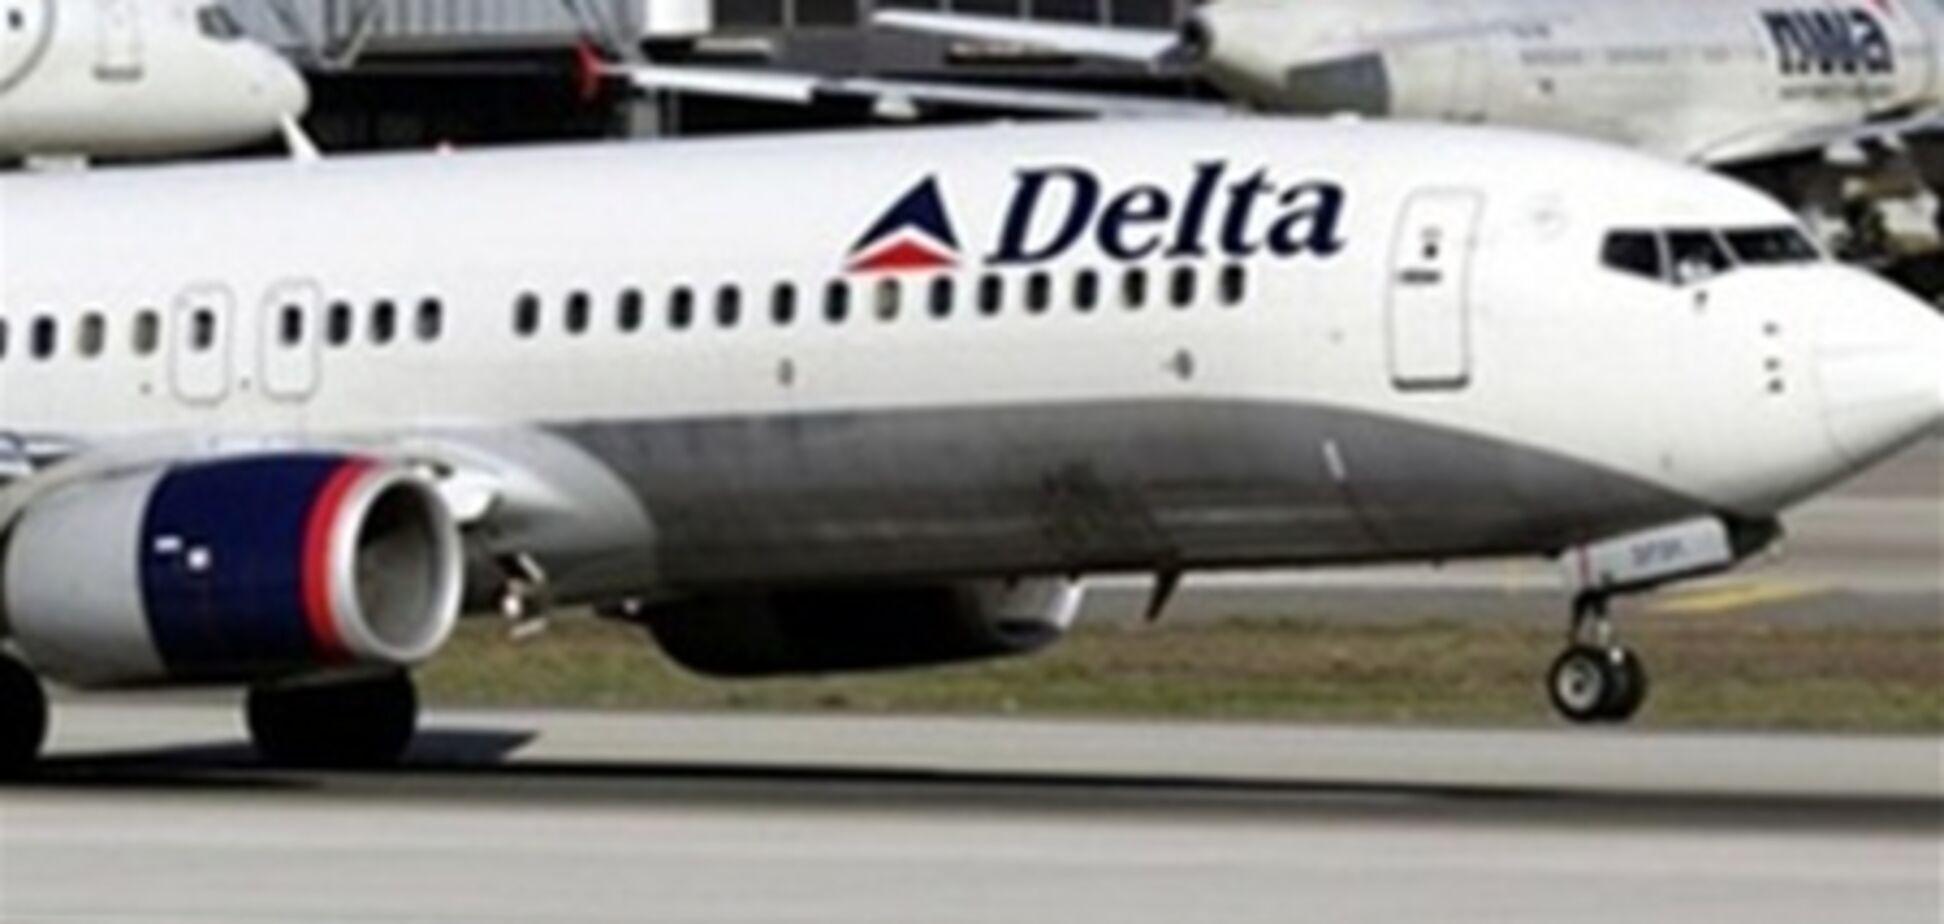 Украинец, пытавшийся в США выйти из самолета на ходу, предстанет перед судом